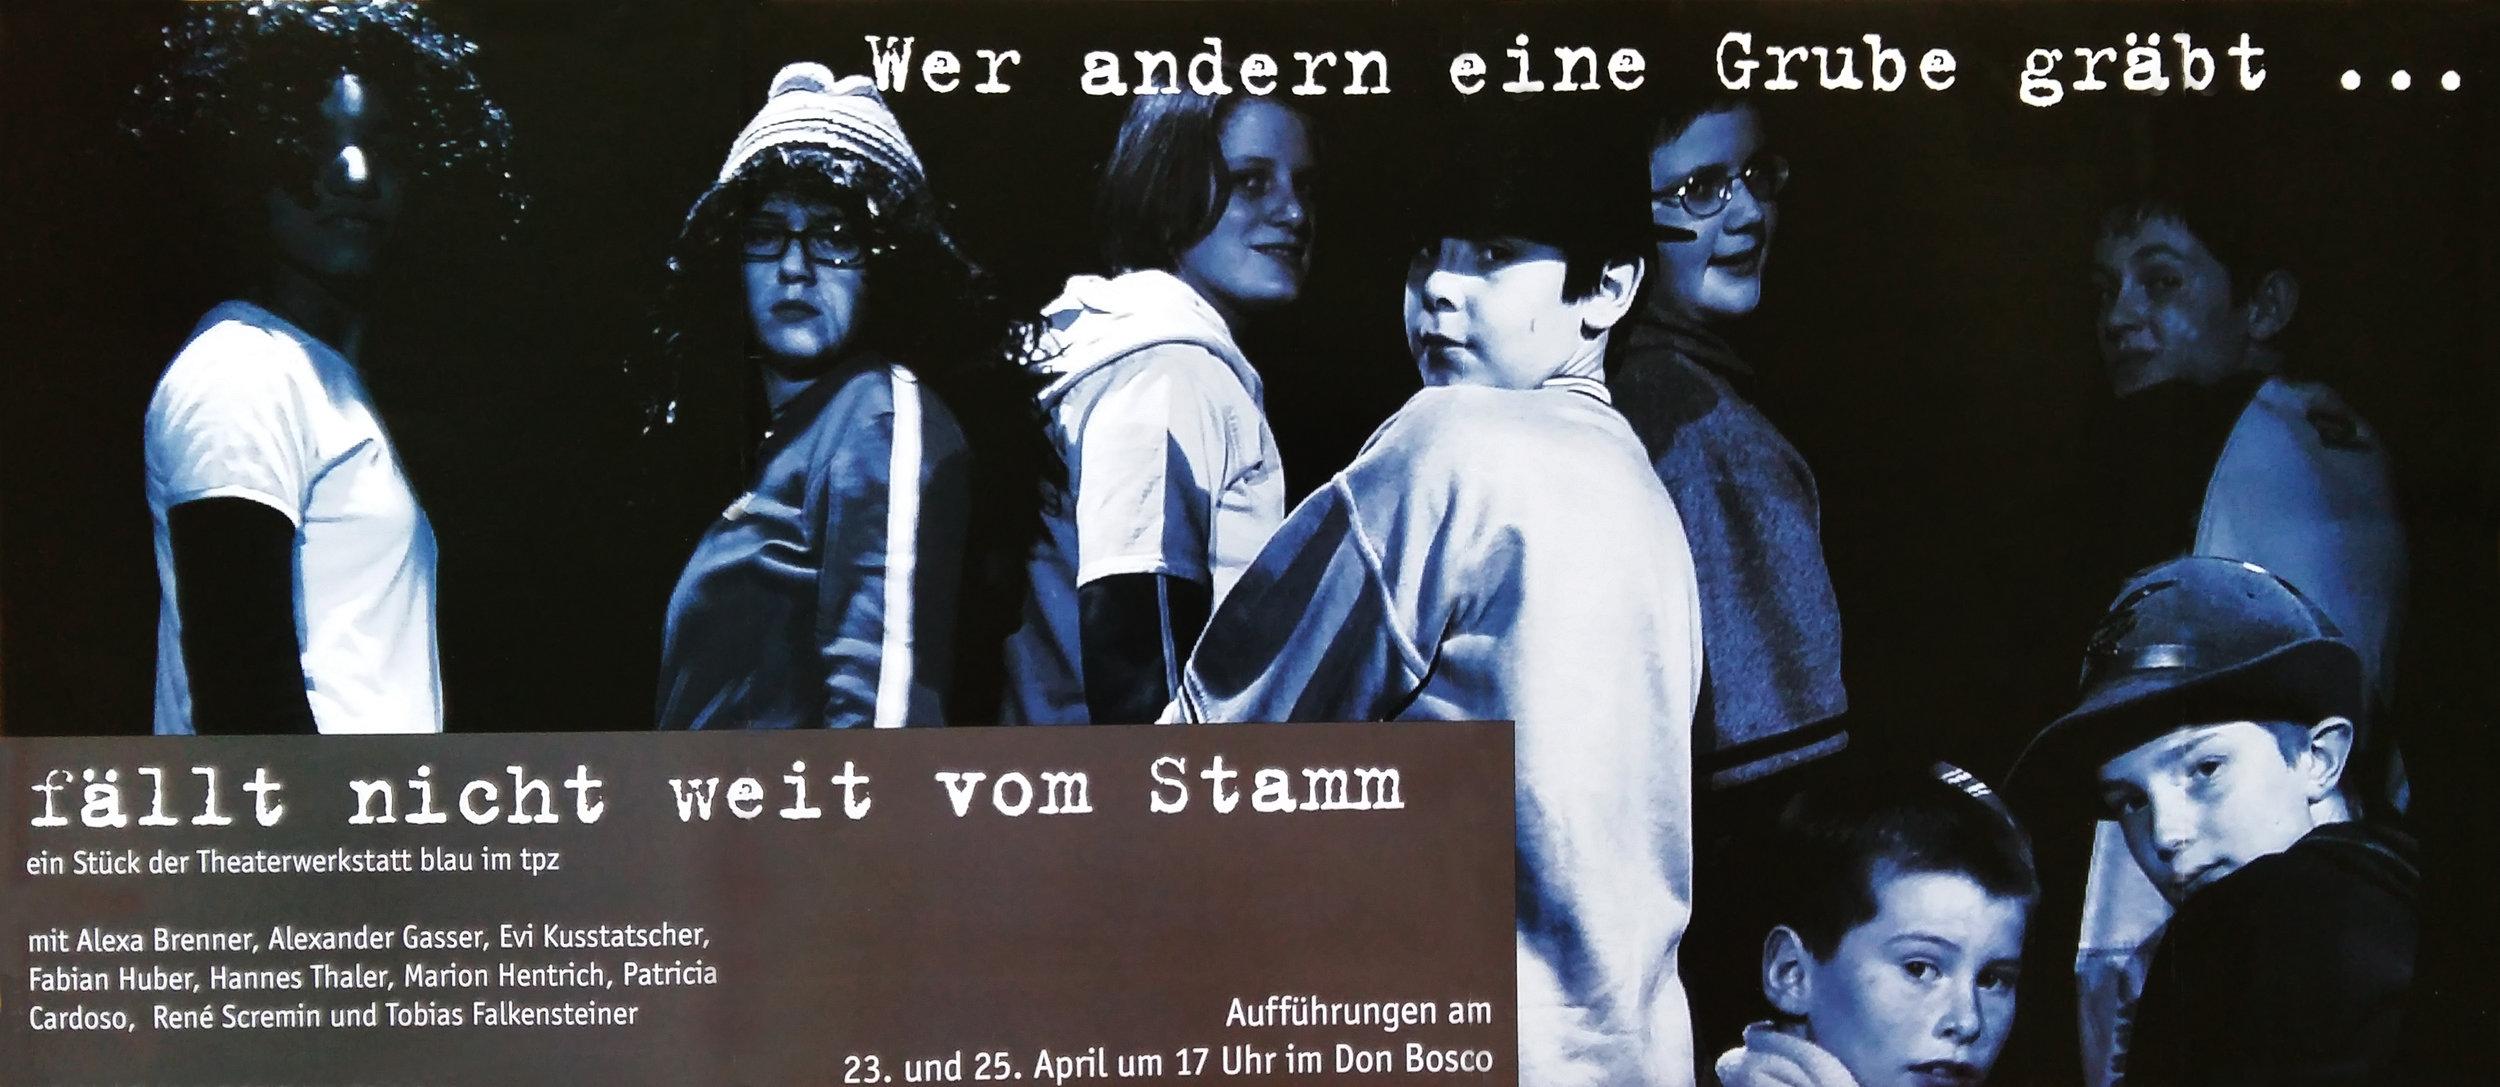 2004 blau.04 Wer anderen eine Grube gräbt Plakat.jpg